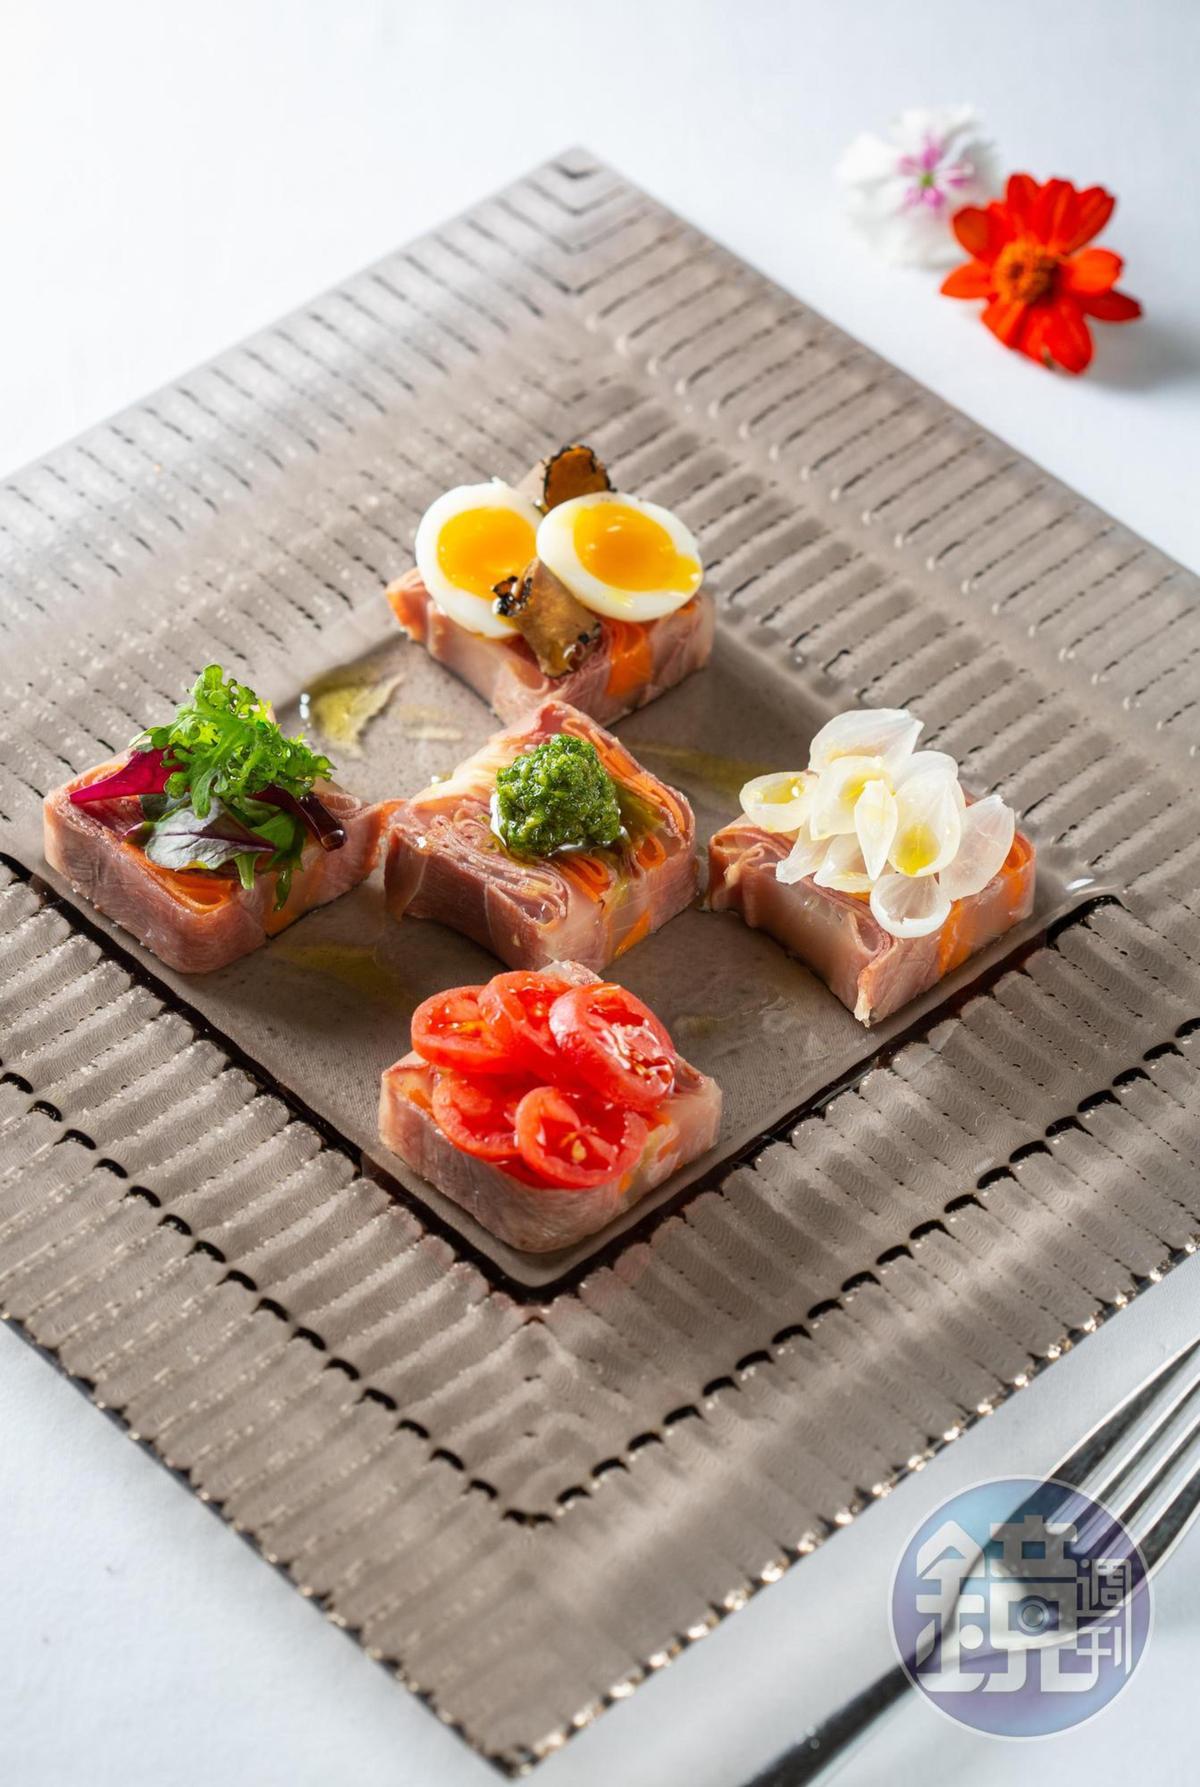 「義式牛舌佐傳統風味綠醬」將牛舌如三明治包在晶凍裡,點綴義大利牛肚三明治搭配的傳統綠醬,增添清香。(520元/份)